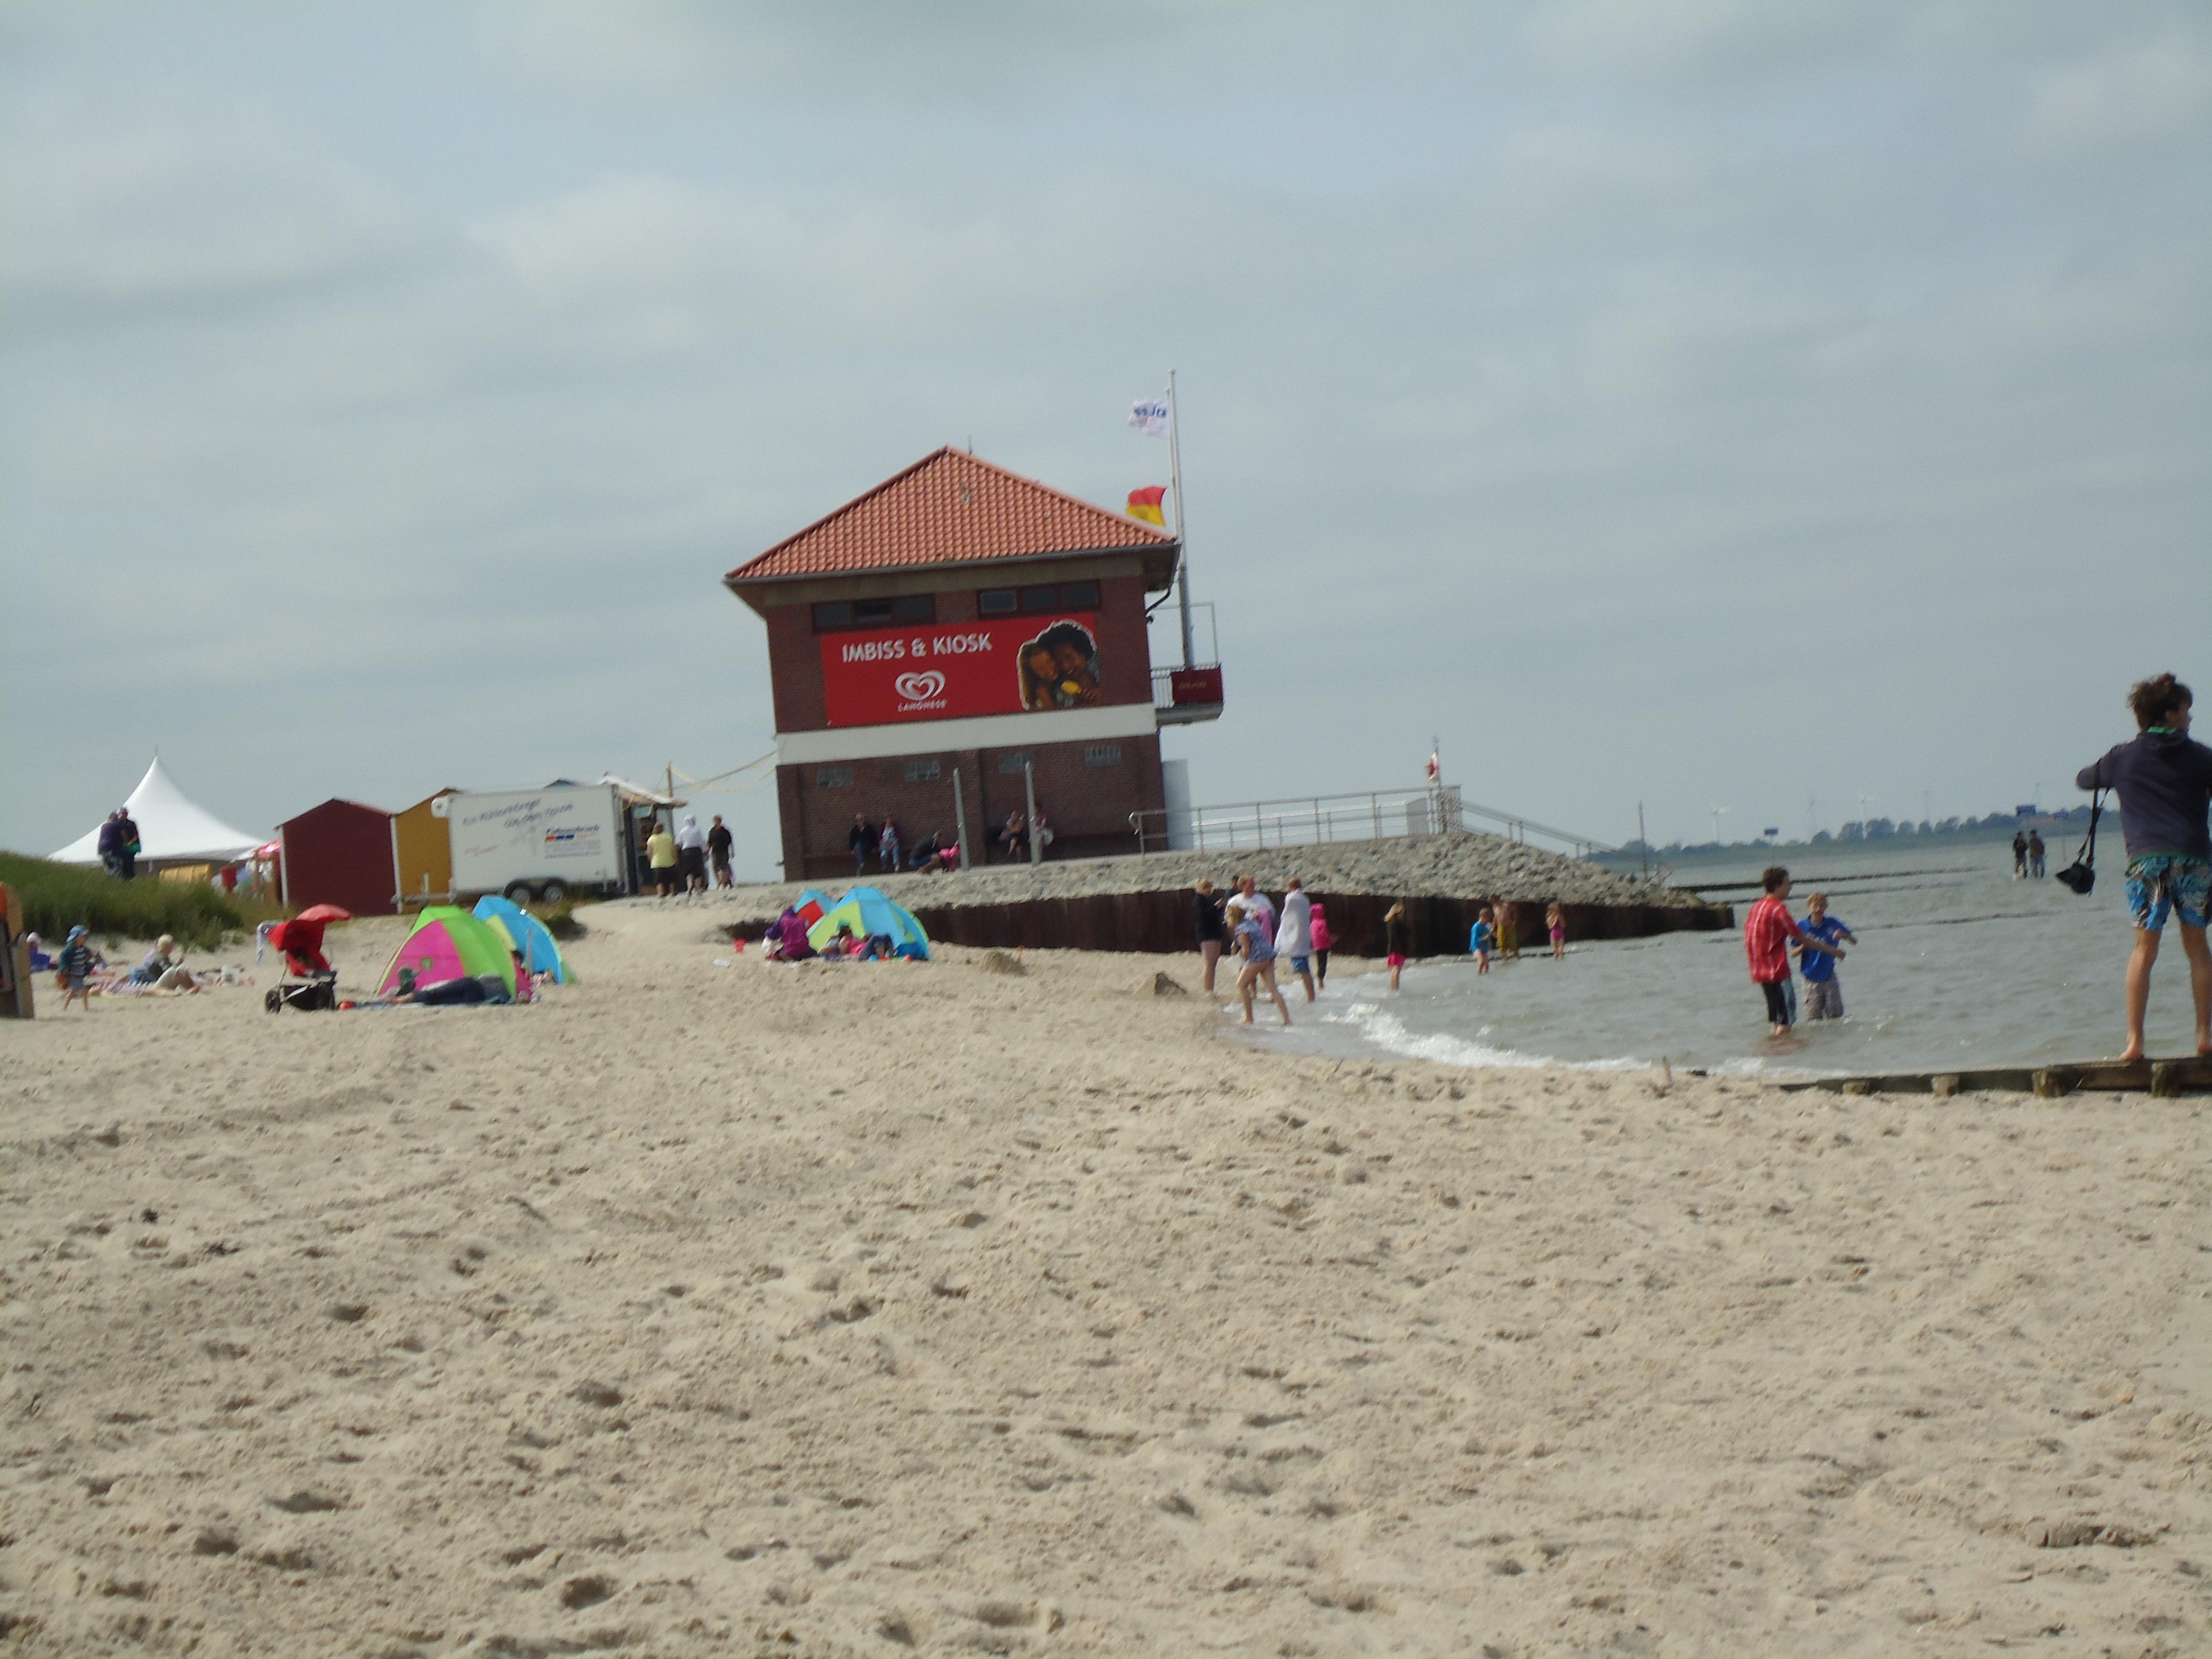 Strand-kiosk